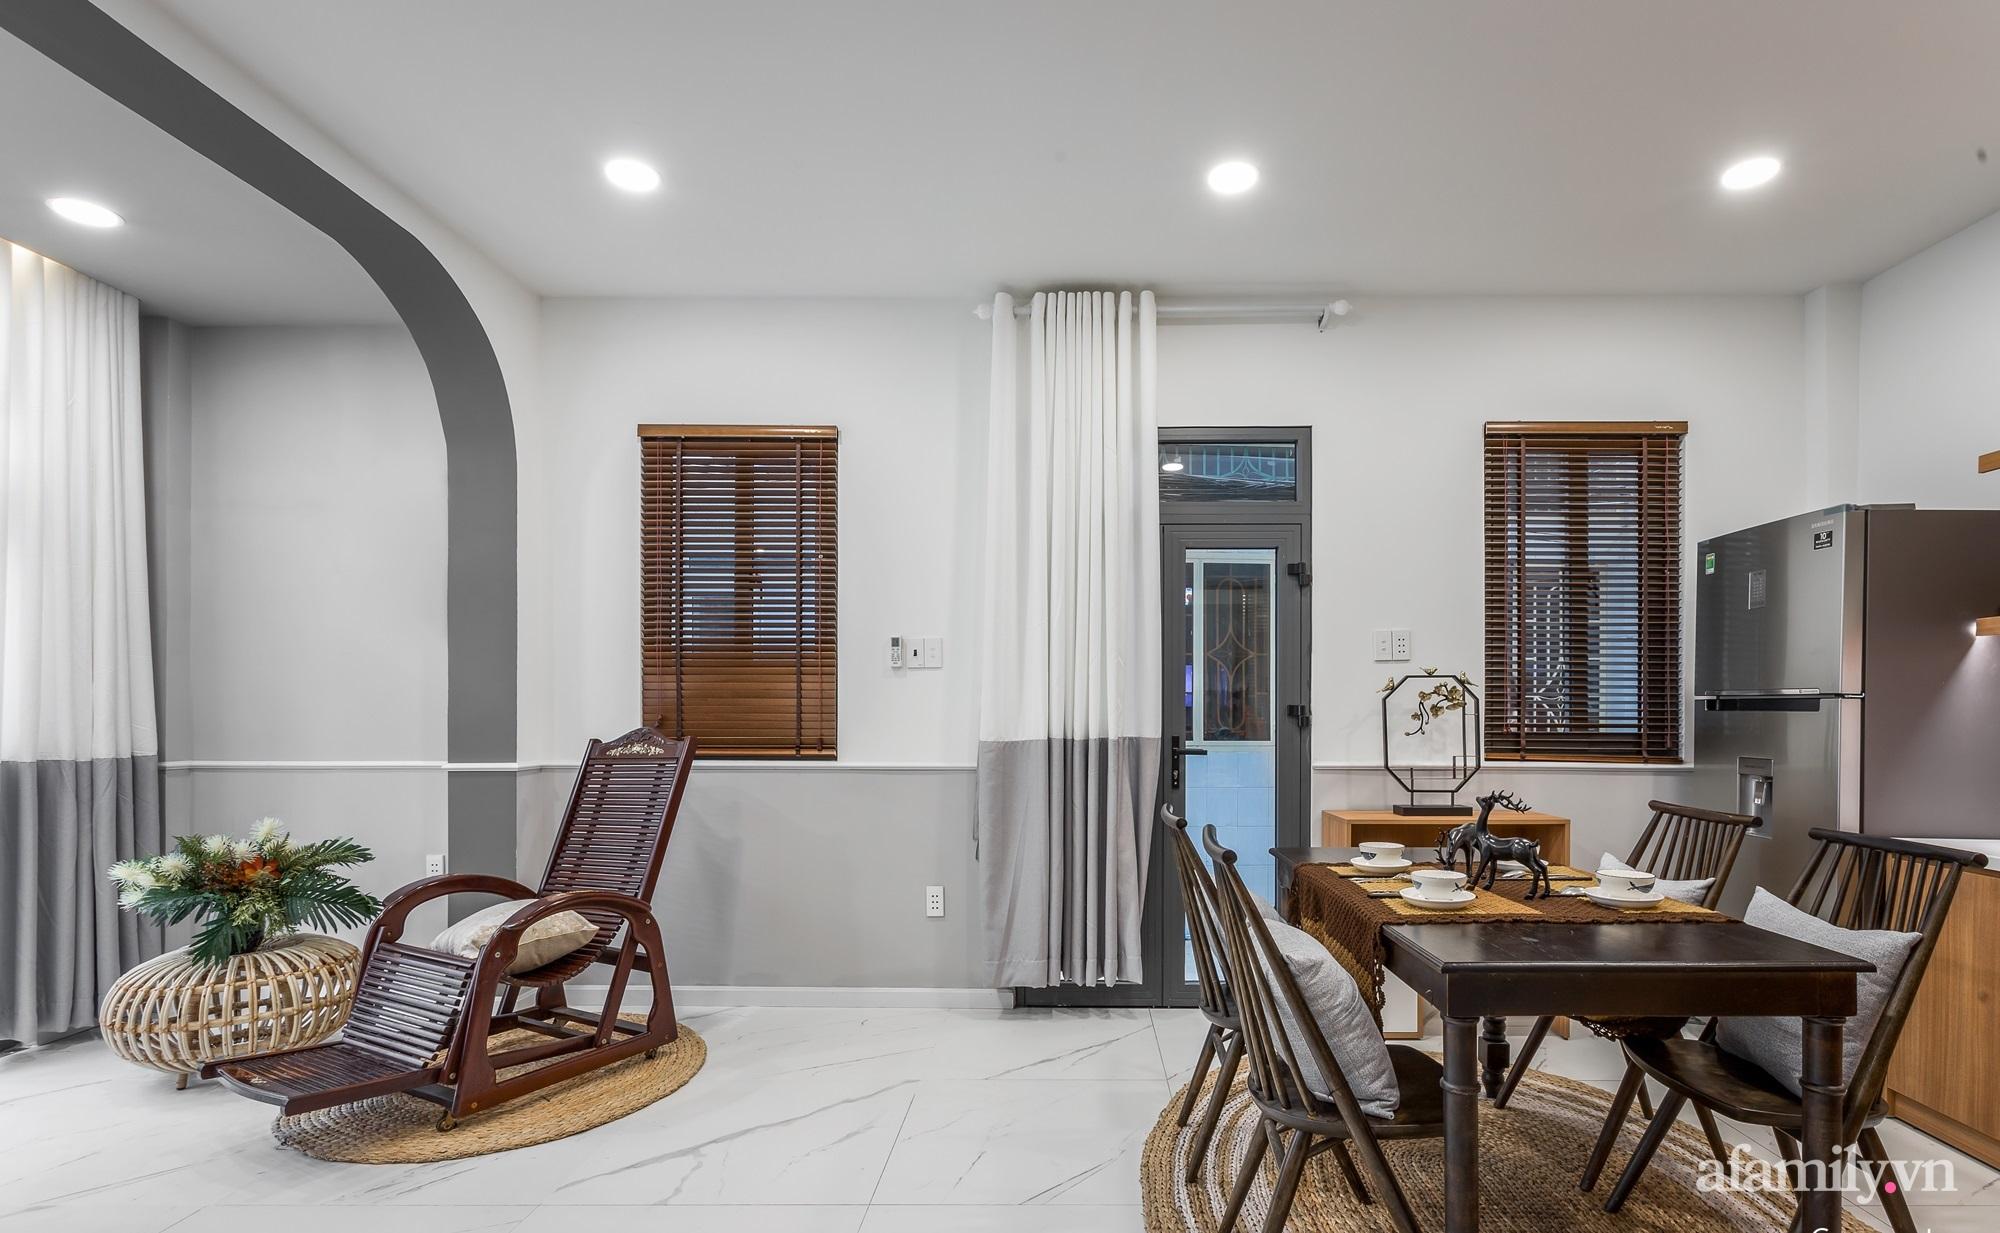 Căn nhà phố cũ kỹ rộng 80m² được cải tạo đẹp tiện nghi với gam màu sáng có chi phí 650 triệu đồng - Ảnh 4.